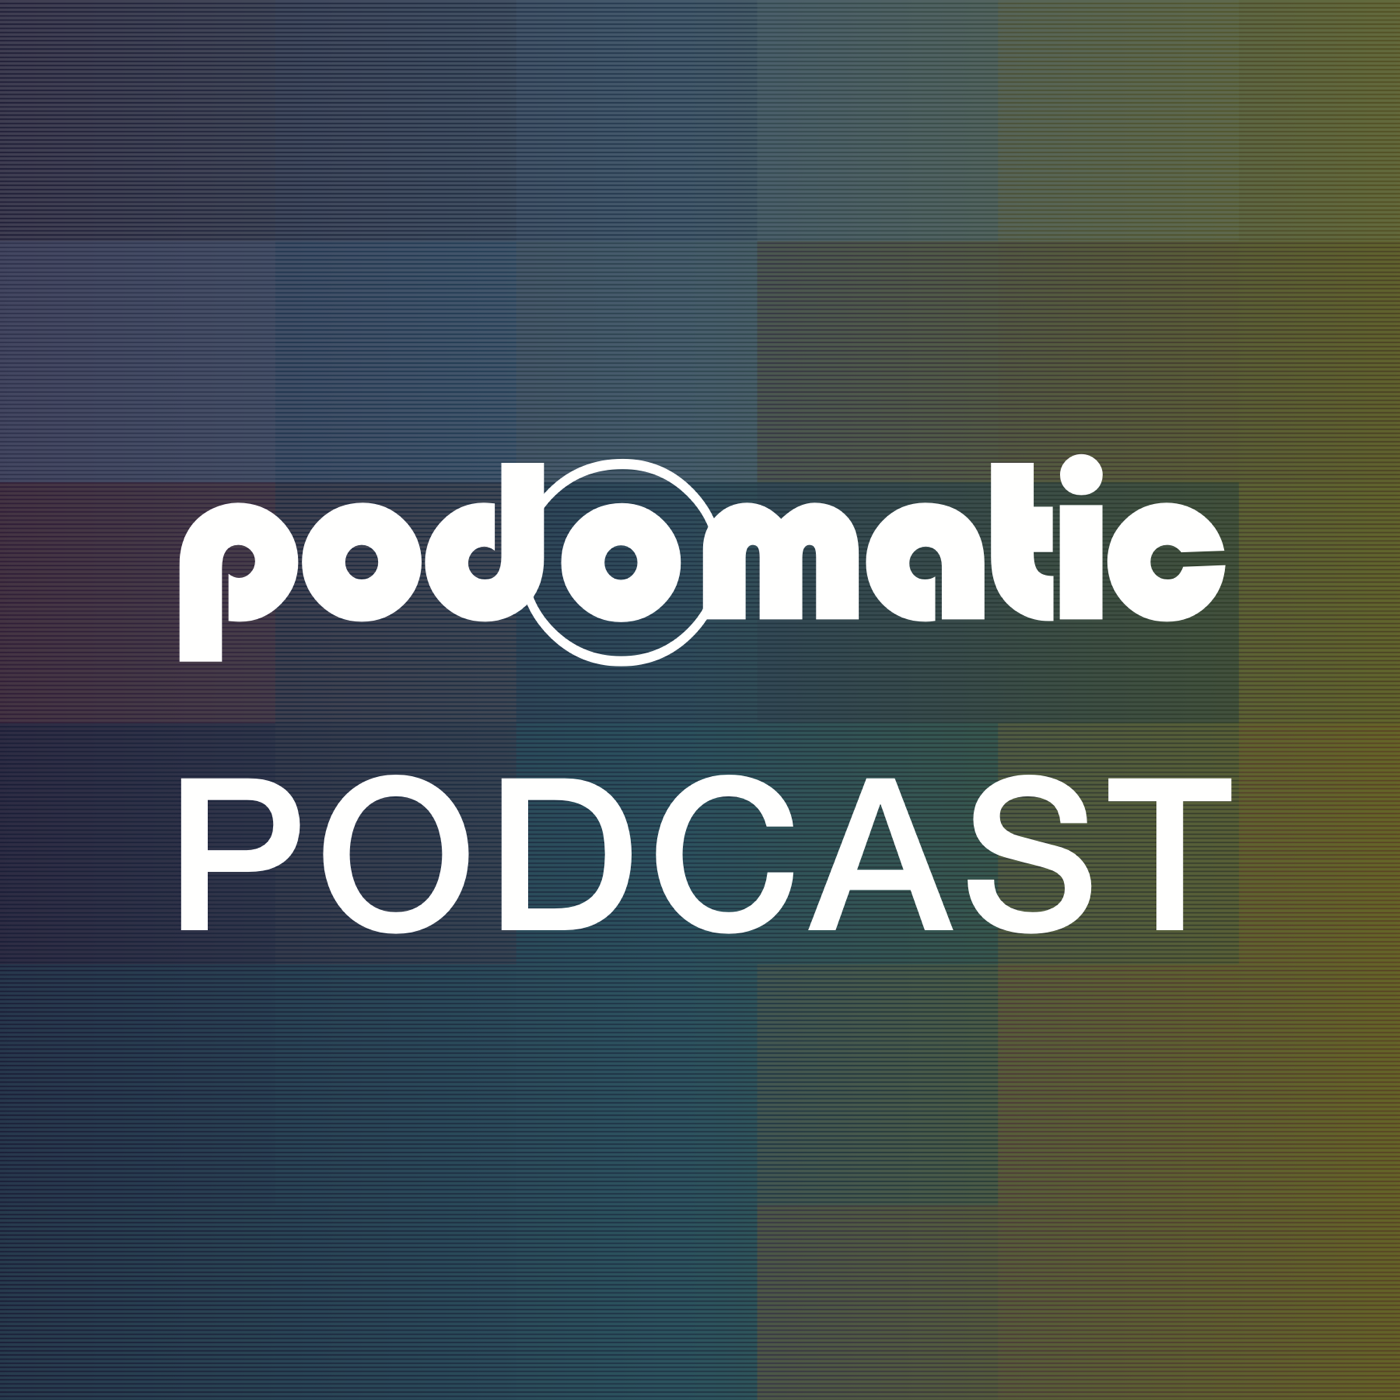 Matthew Steffen's Podcast